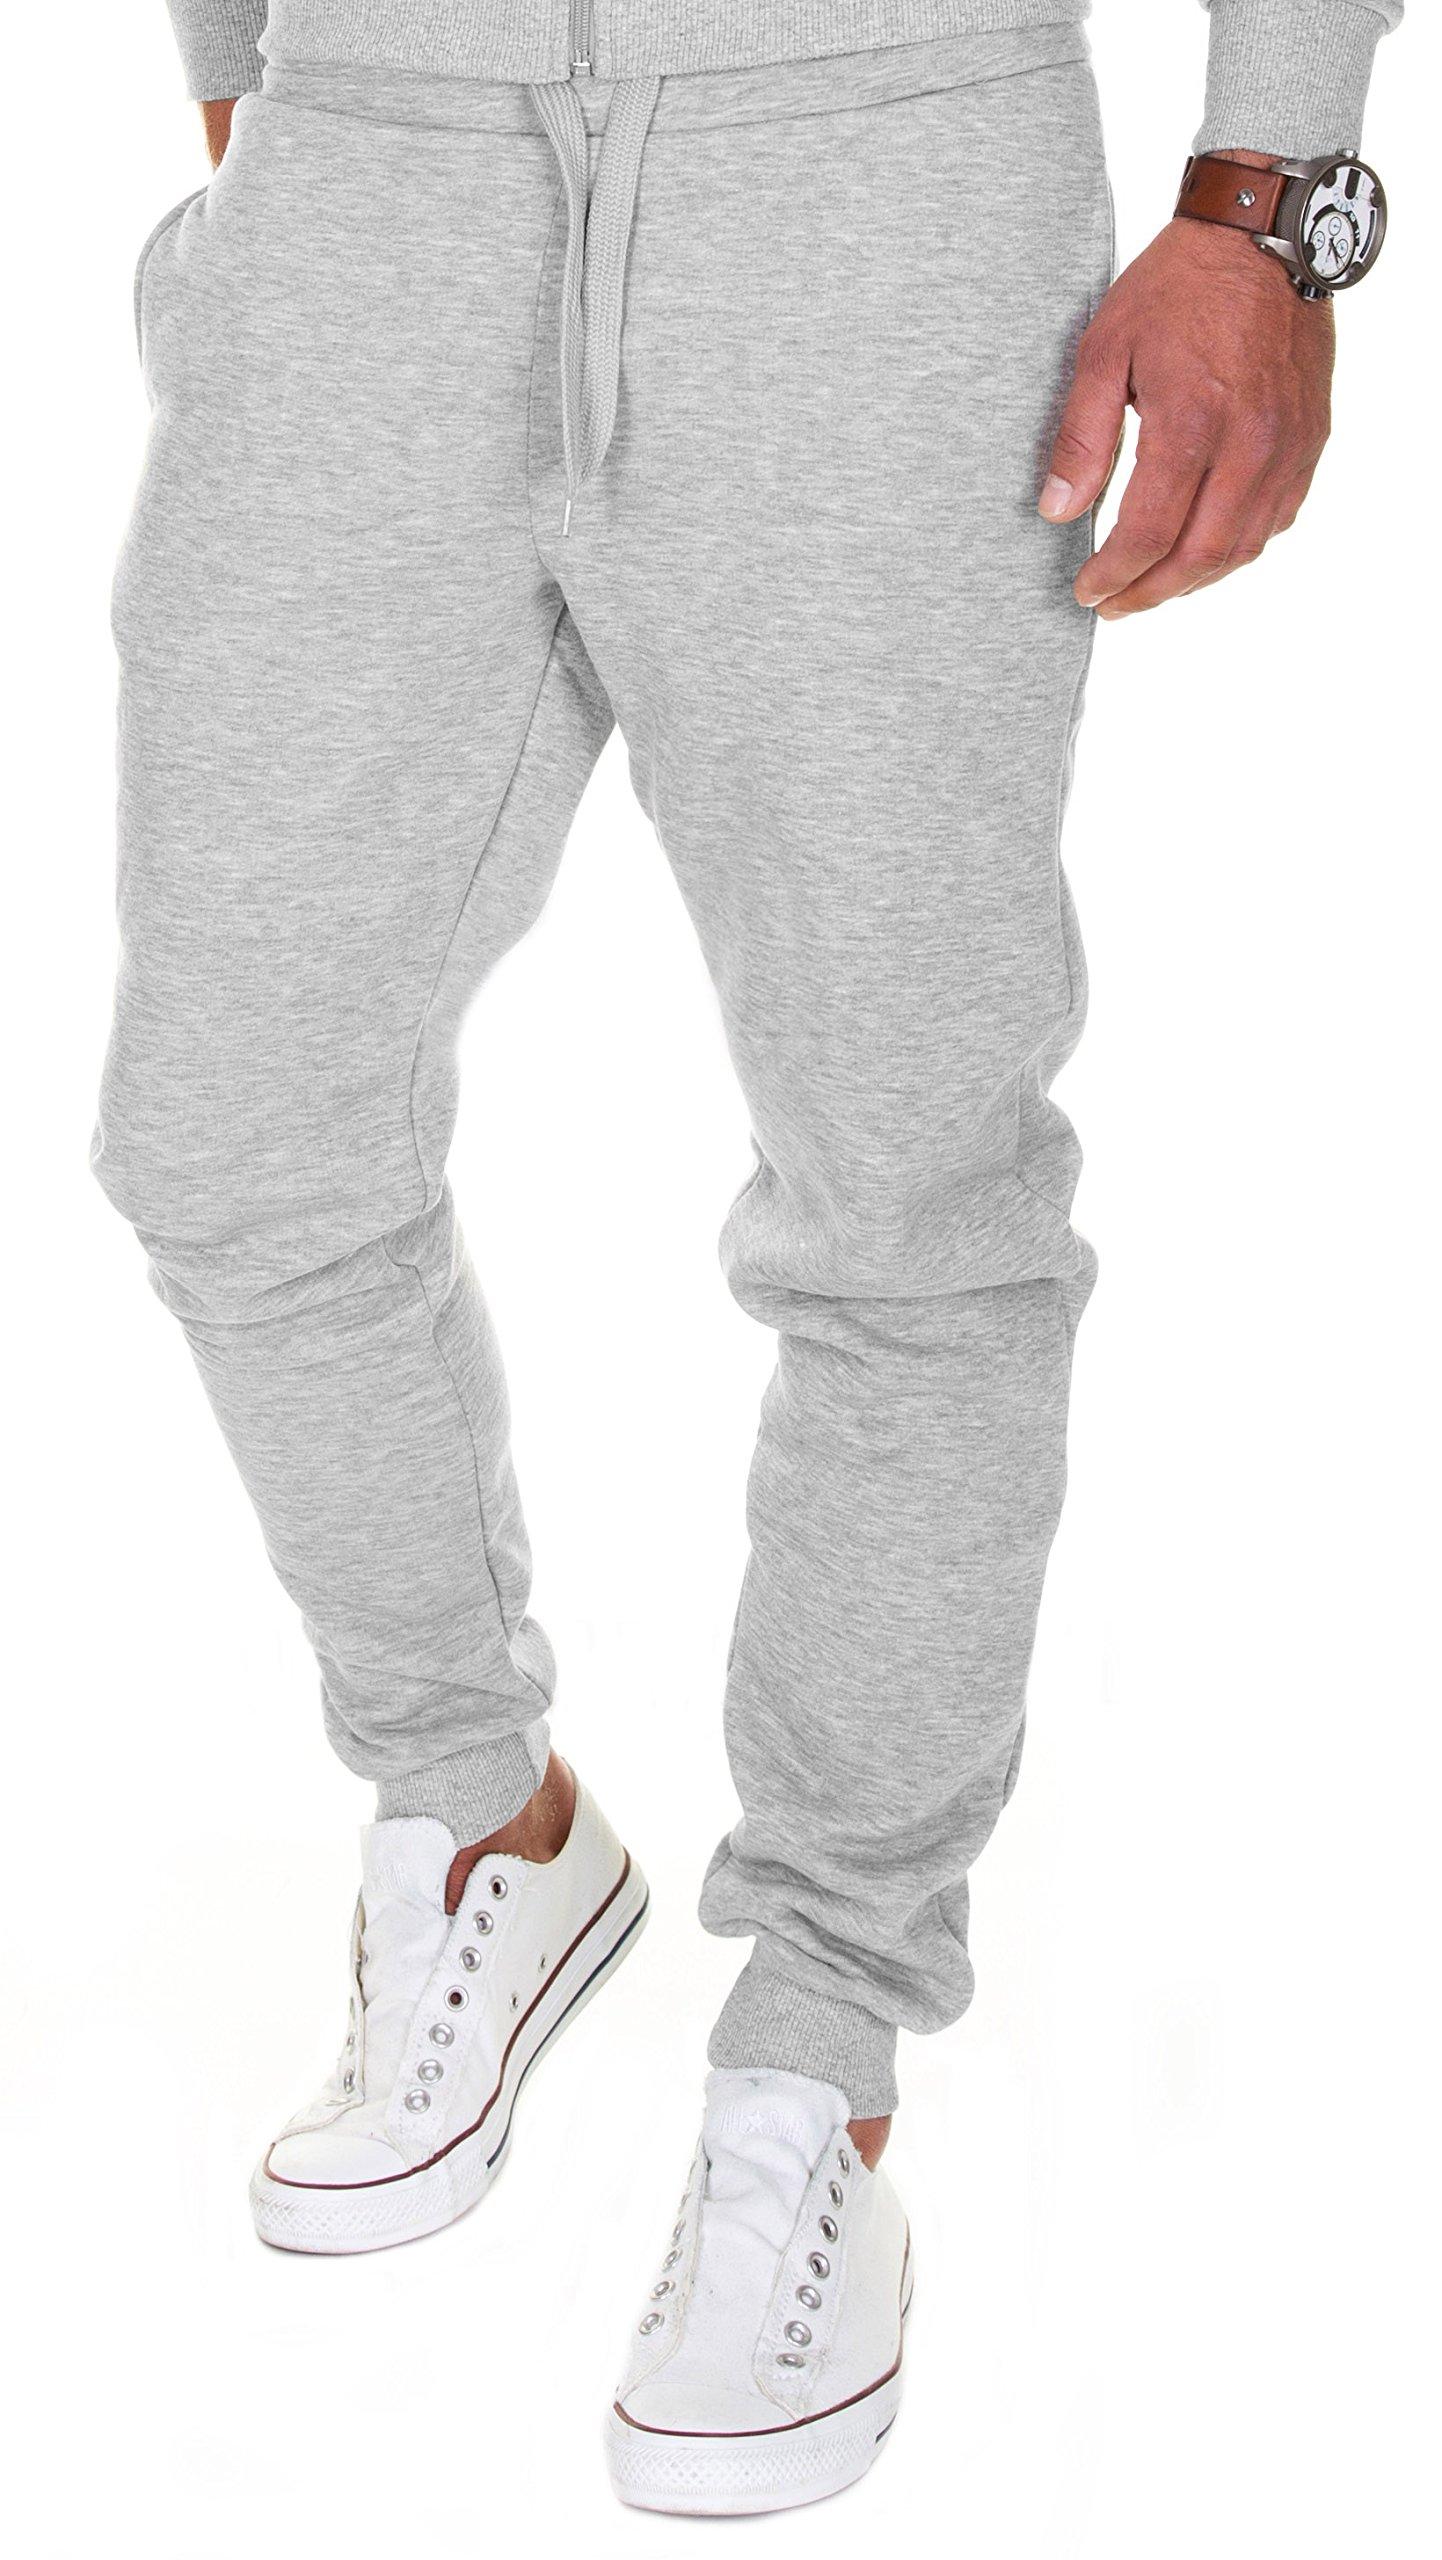 Merish Jogging Hommes Pantalon de Sport Jogger Homme Survêtement Coton Slim  Fit 211 product image c933152574c